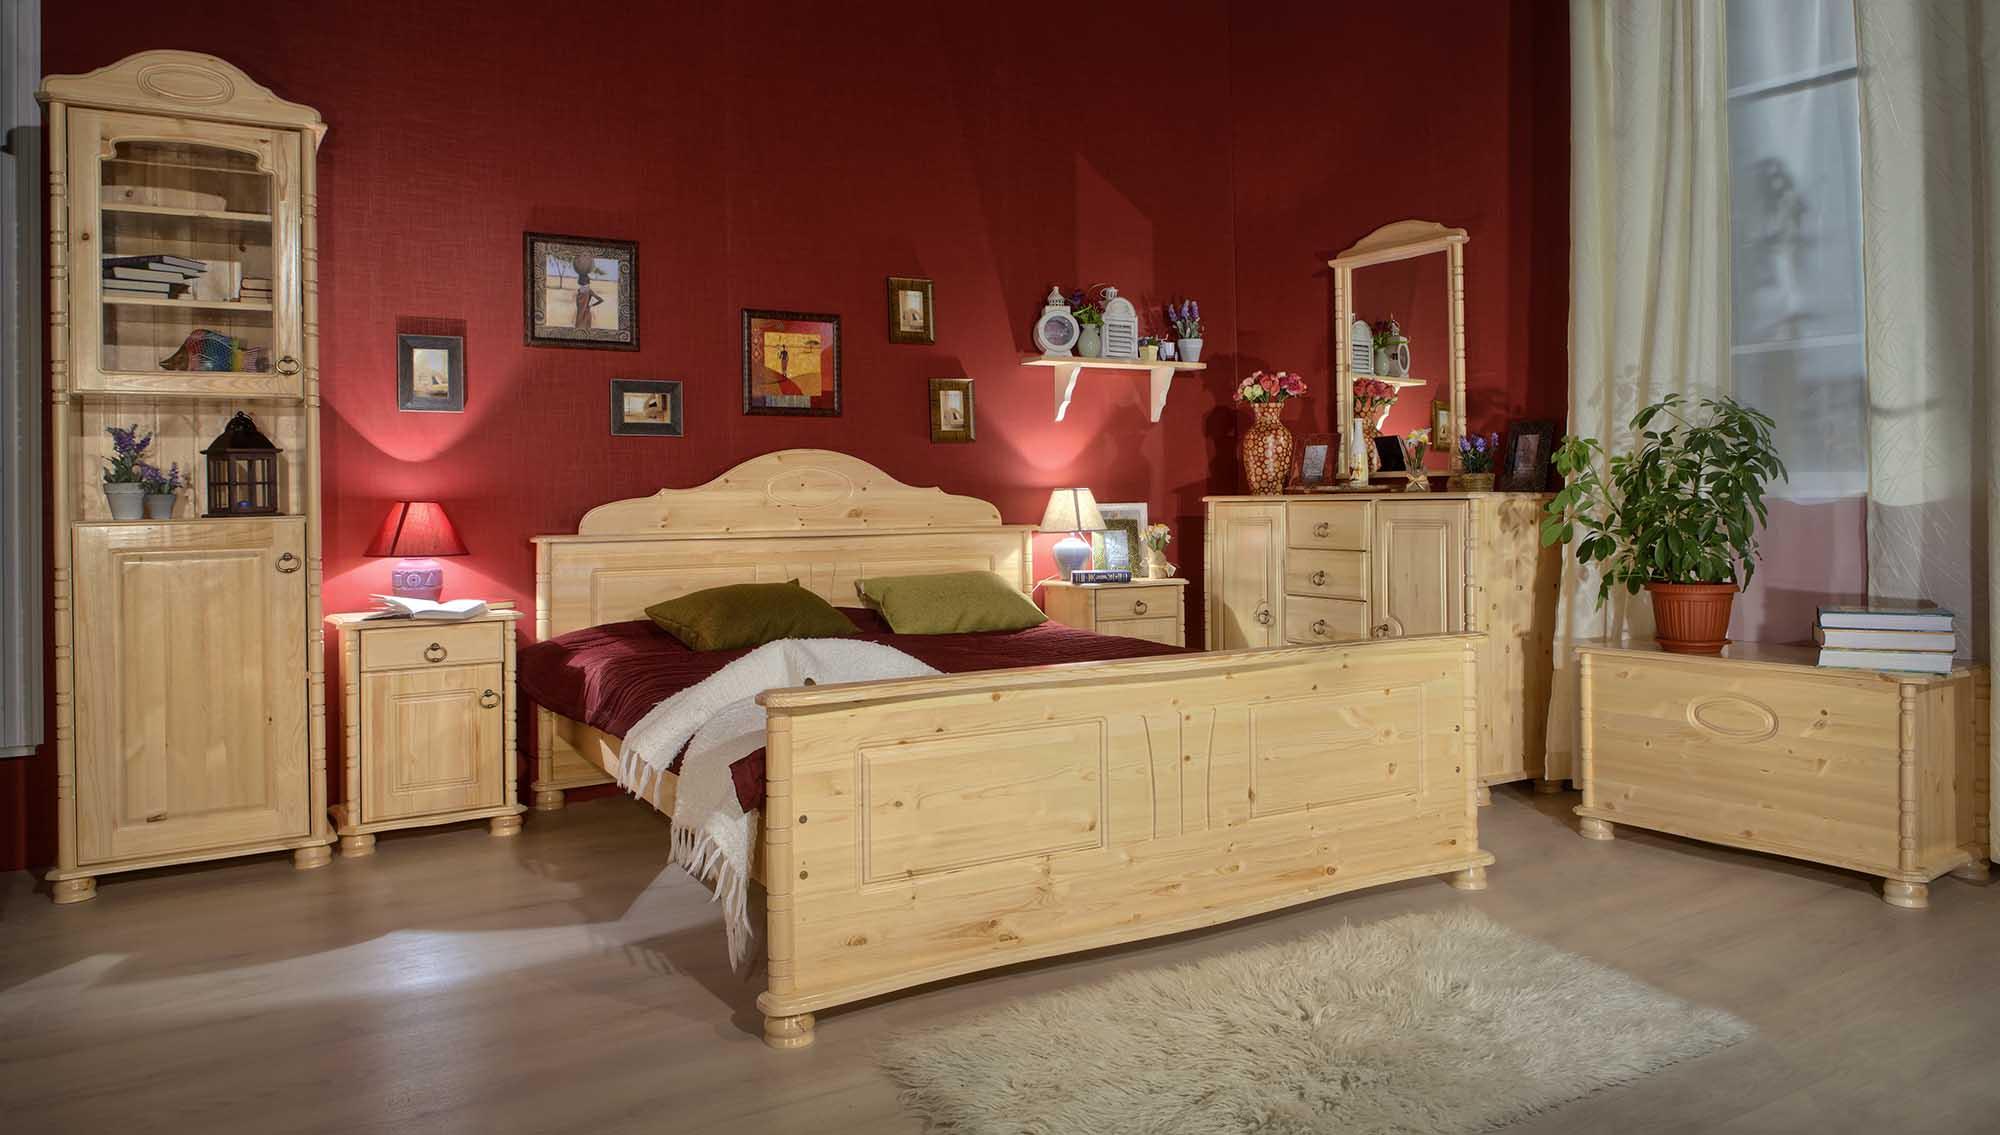 Прикроватные лампы в бежево-красной спальне